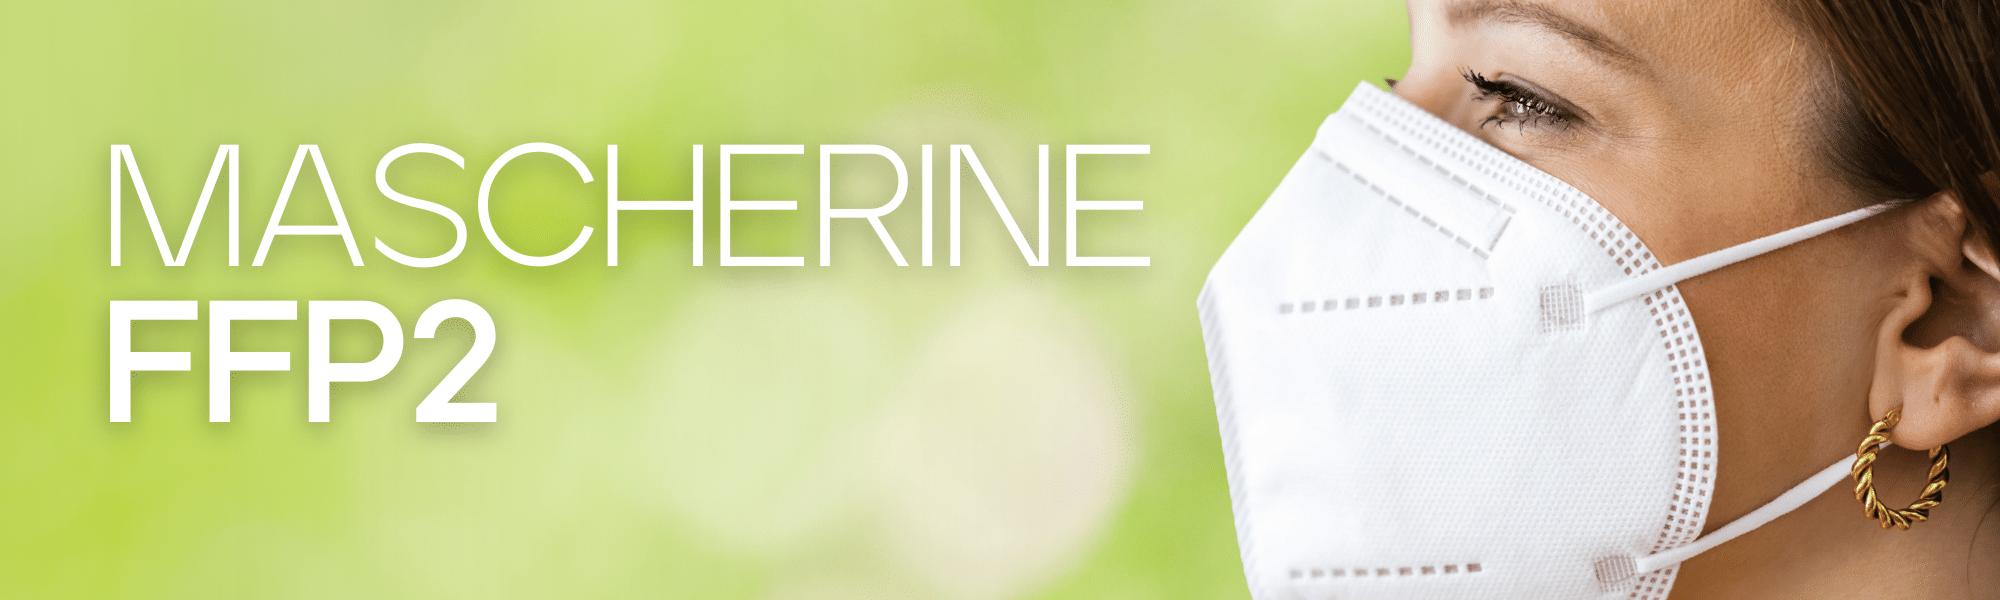 Mascherine FFP2 Certificate Farmacia